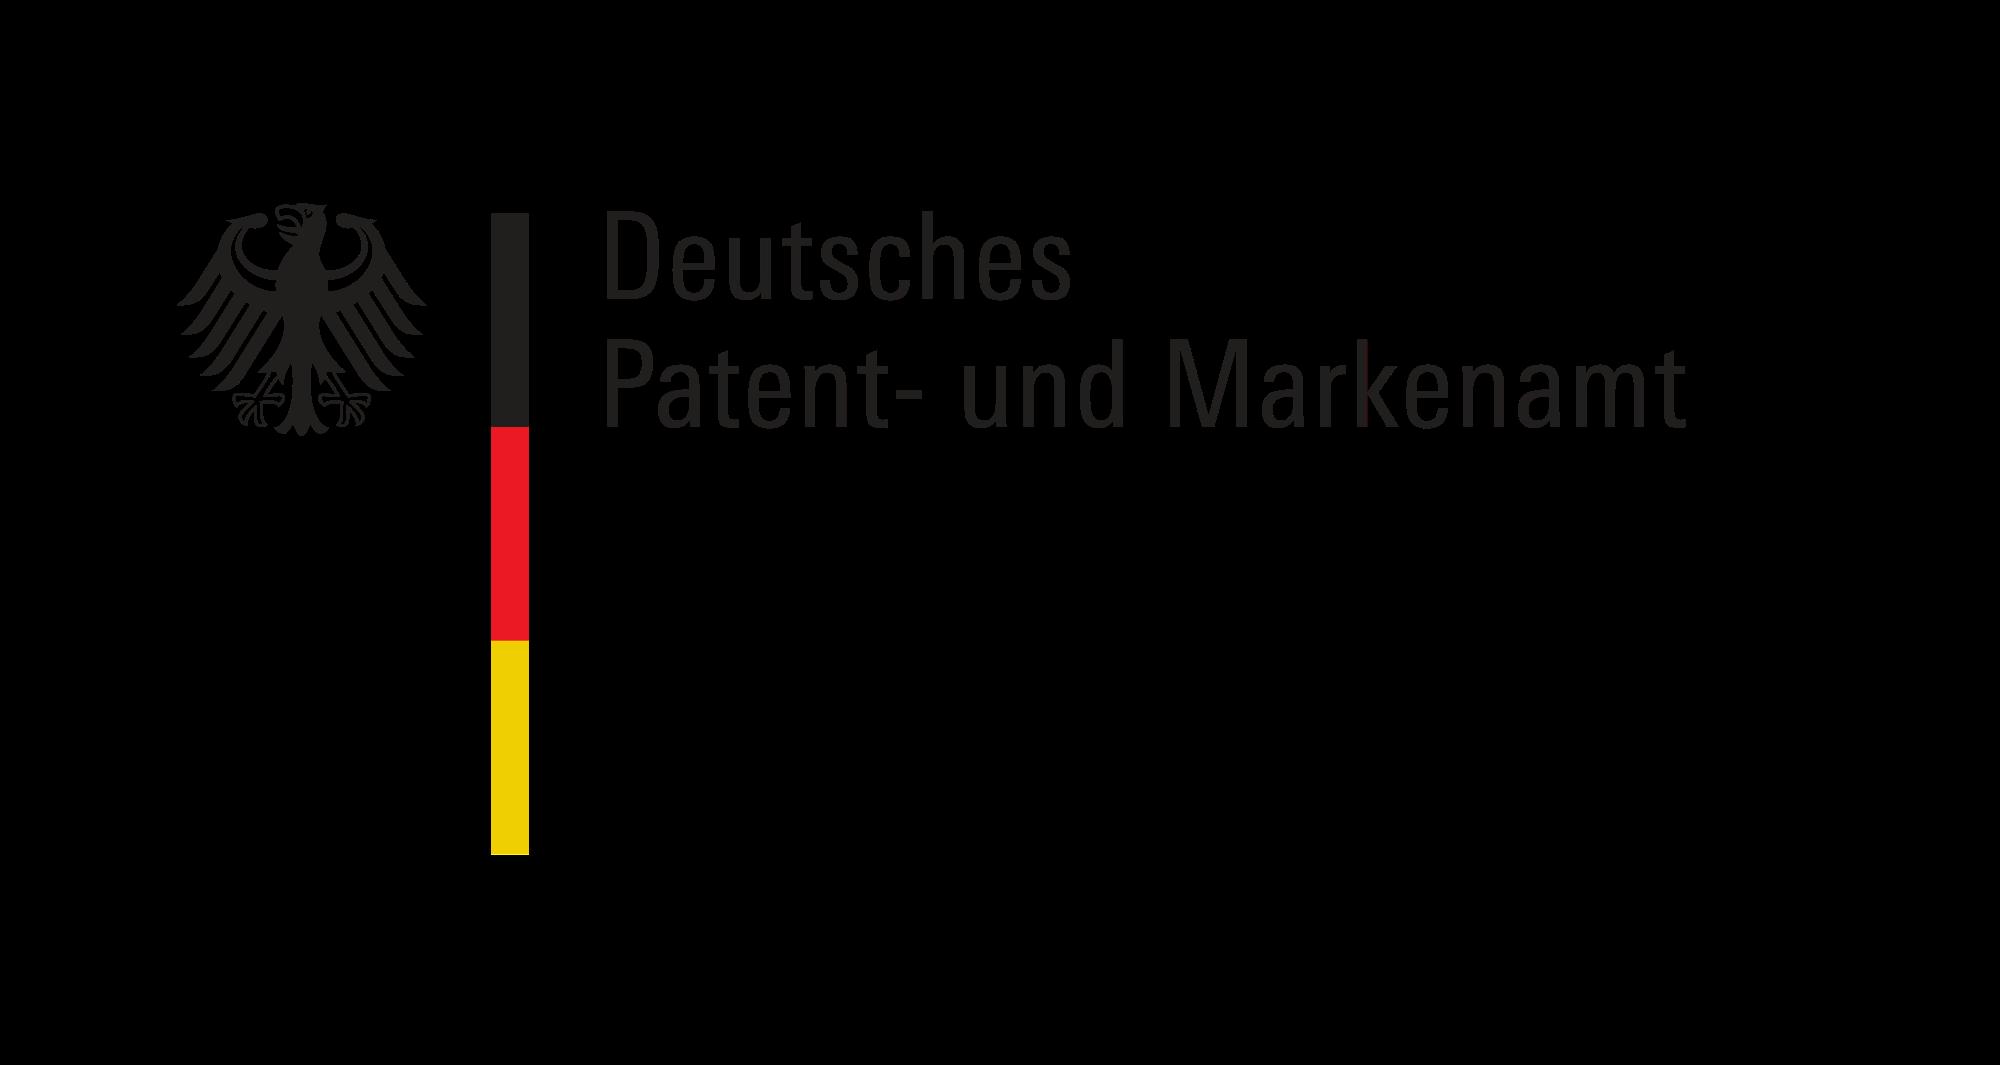 Deutsches Patent- und Markenamt (DPMA) / German Patent and Trademark Office (GPTO), Zweibrückenstraße 12, 80331 München/Munich, Cincinnatistraße 64, 81549 München/Munich